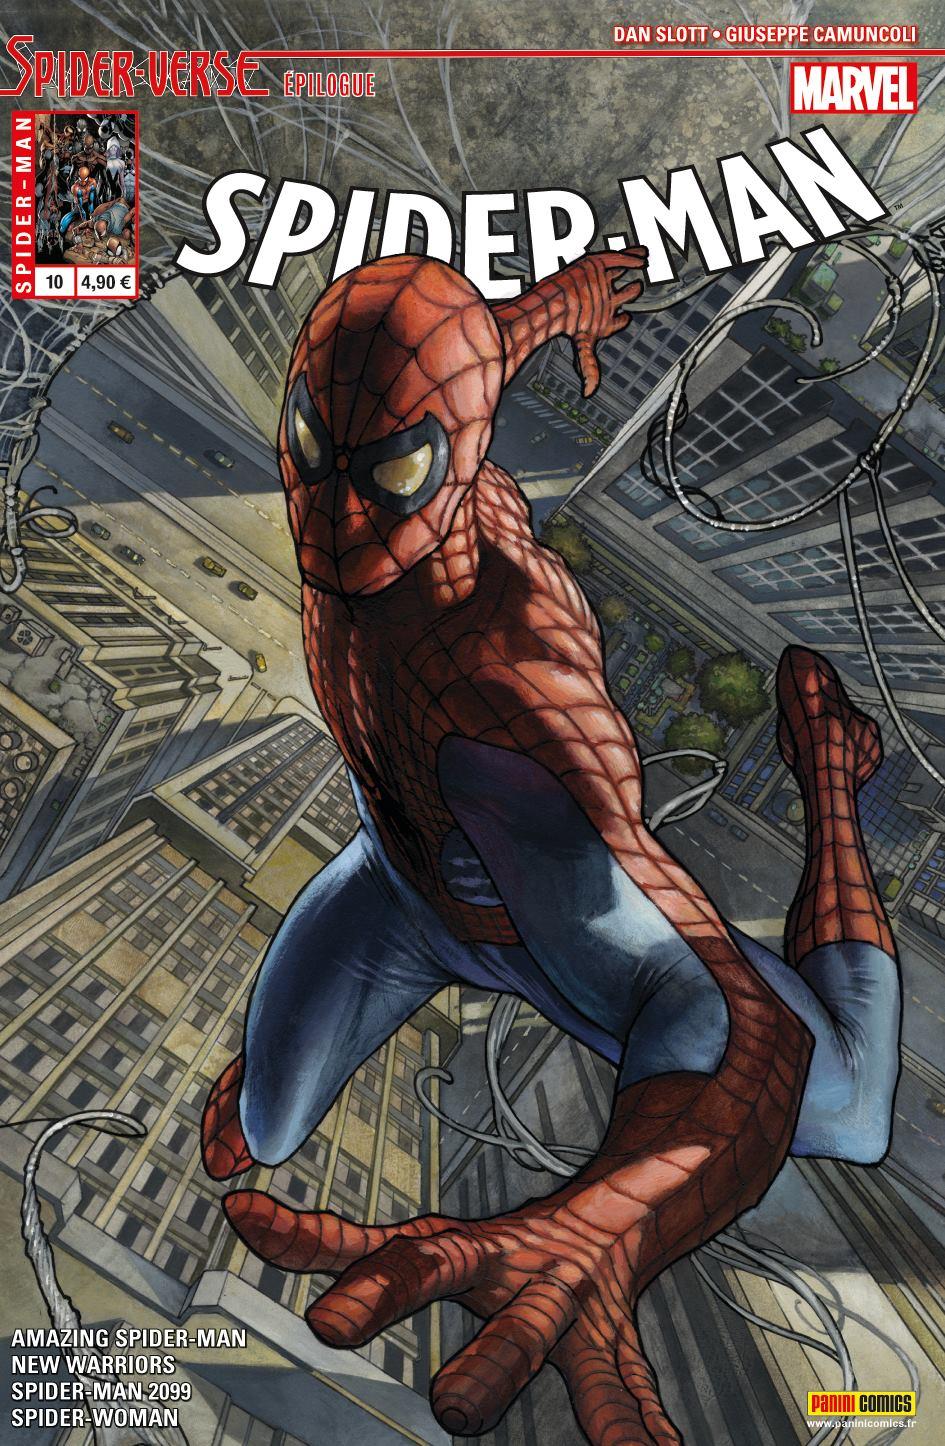 SPIDER-MAN 10 : SPIDER-VERSE ÉPILOGUE